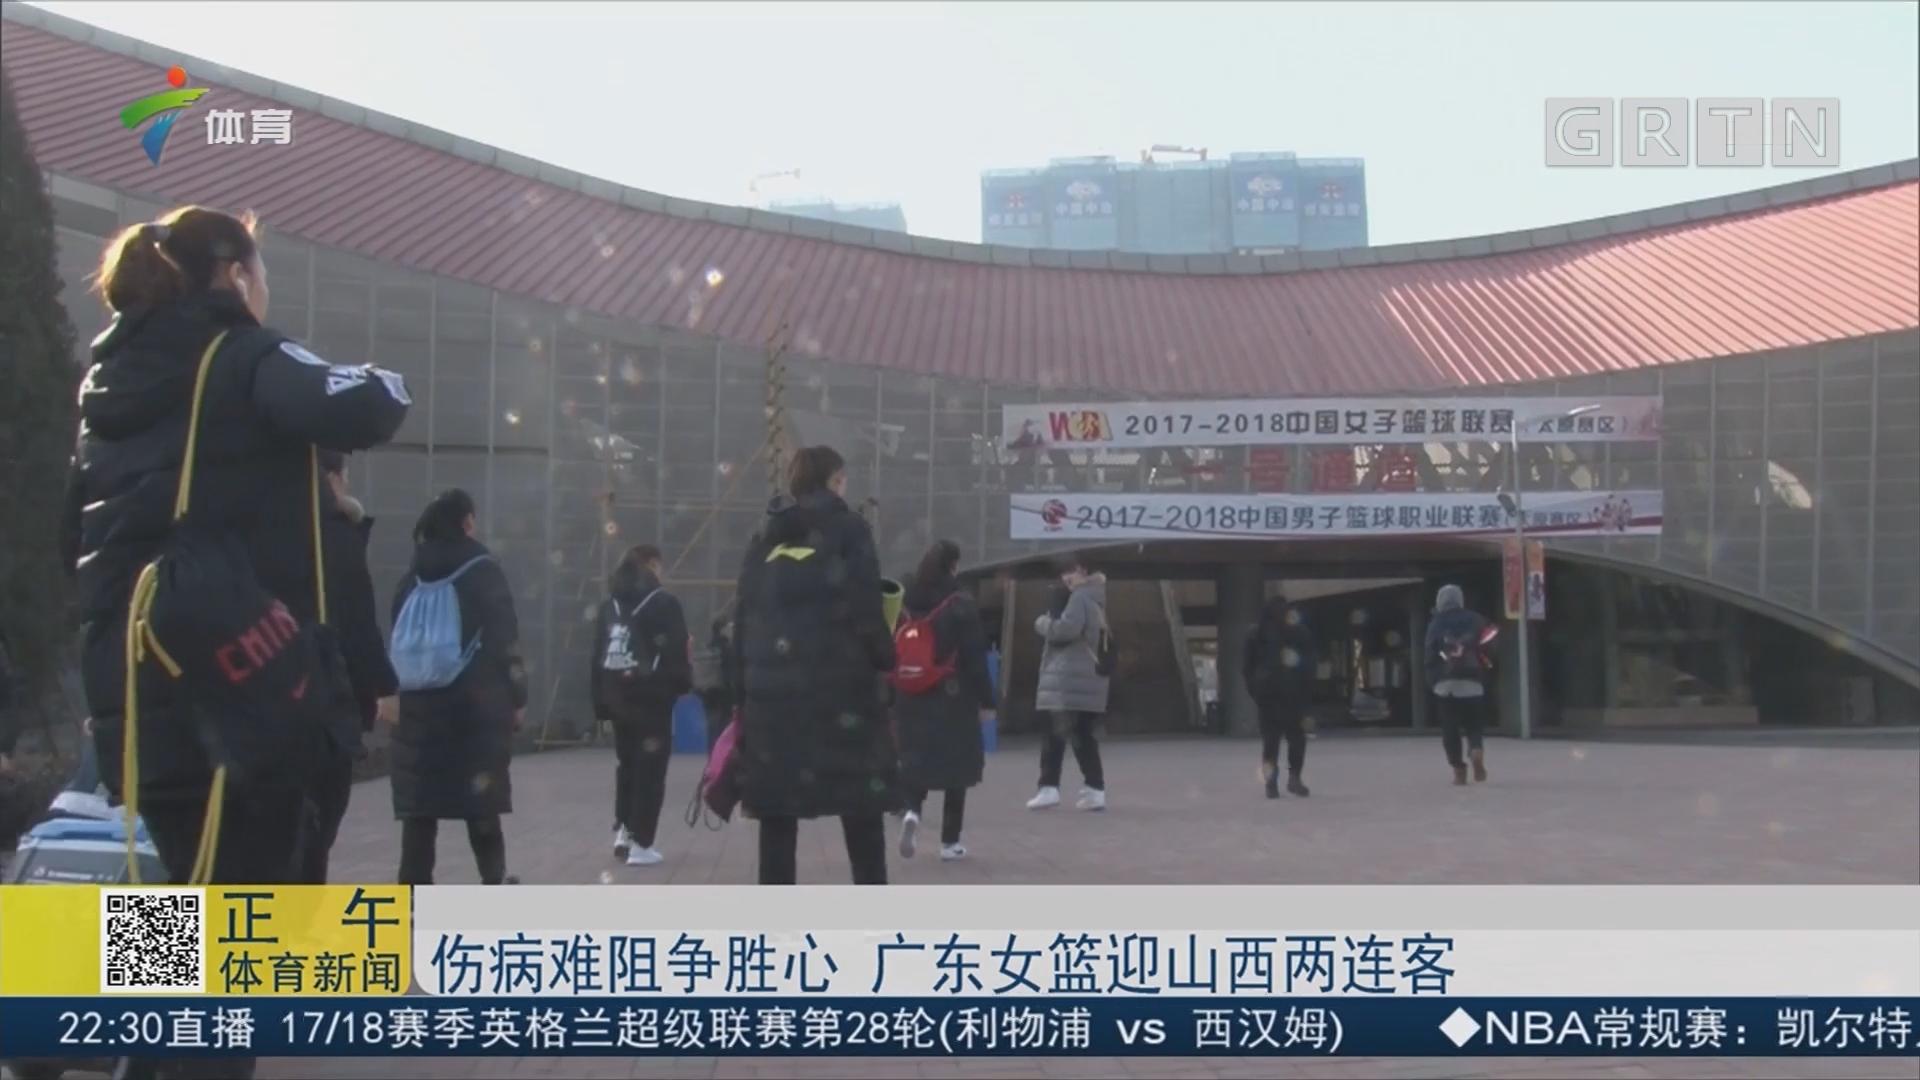 伤病难阻争胜心 广东女篮迎山西两连客